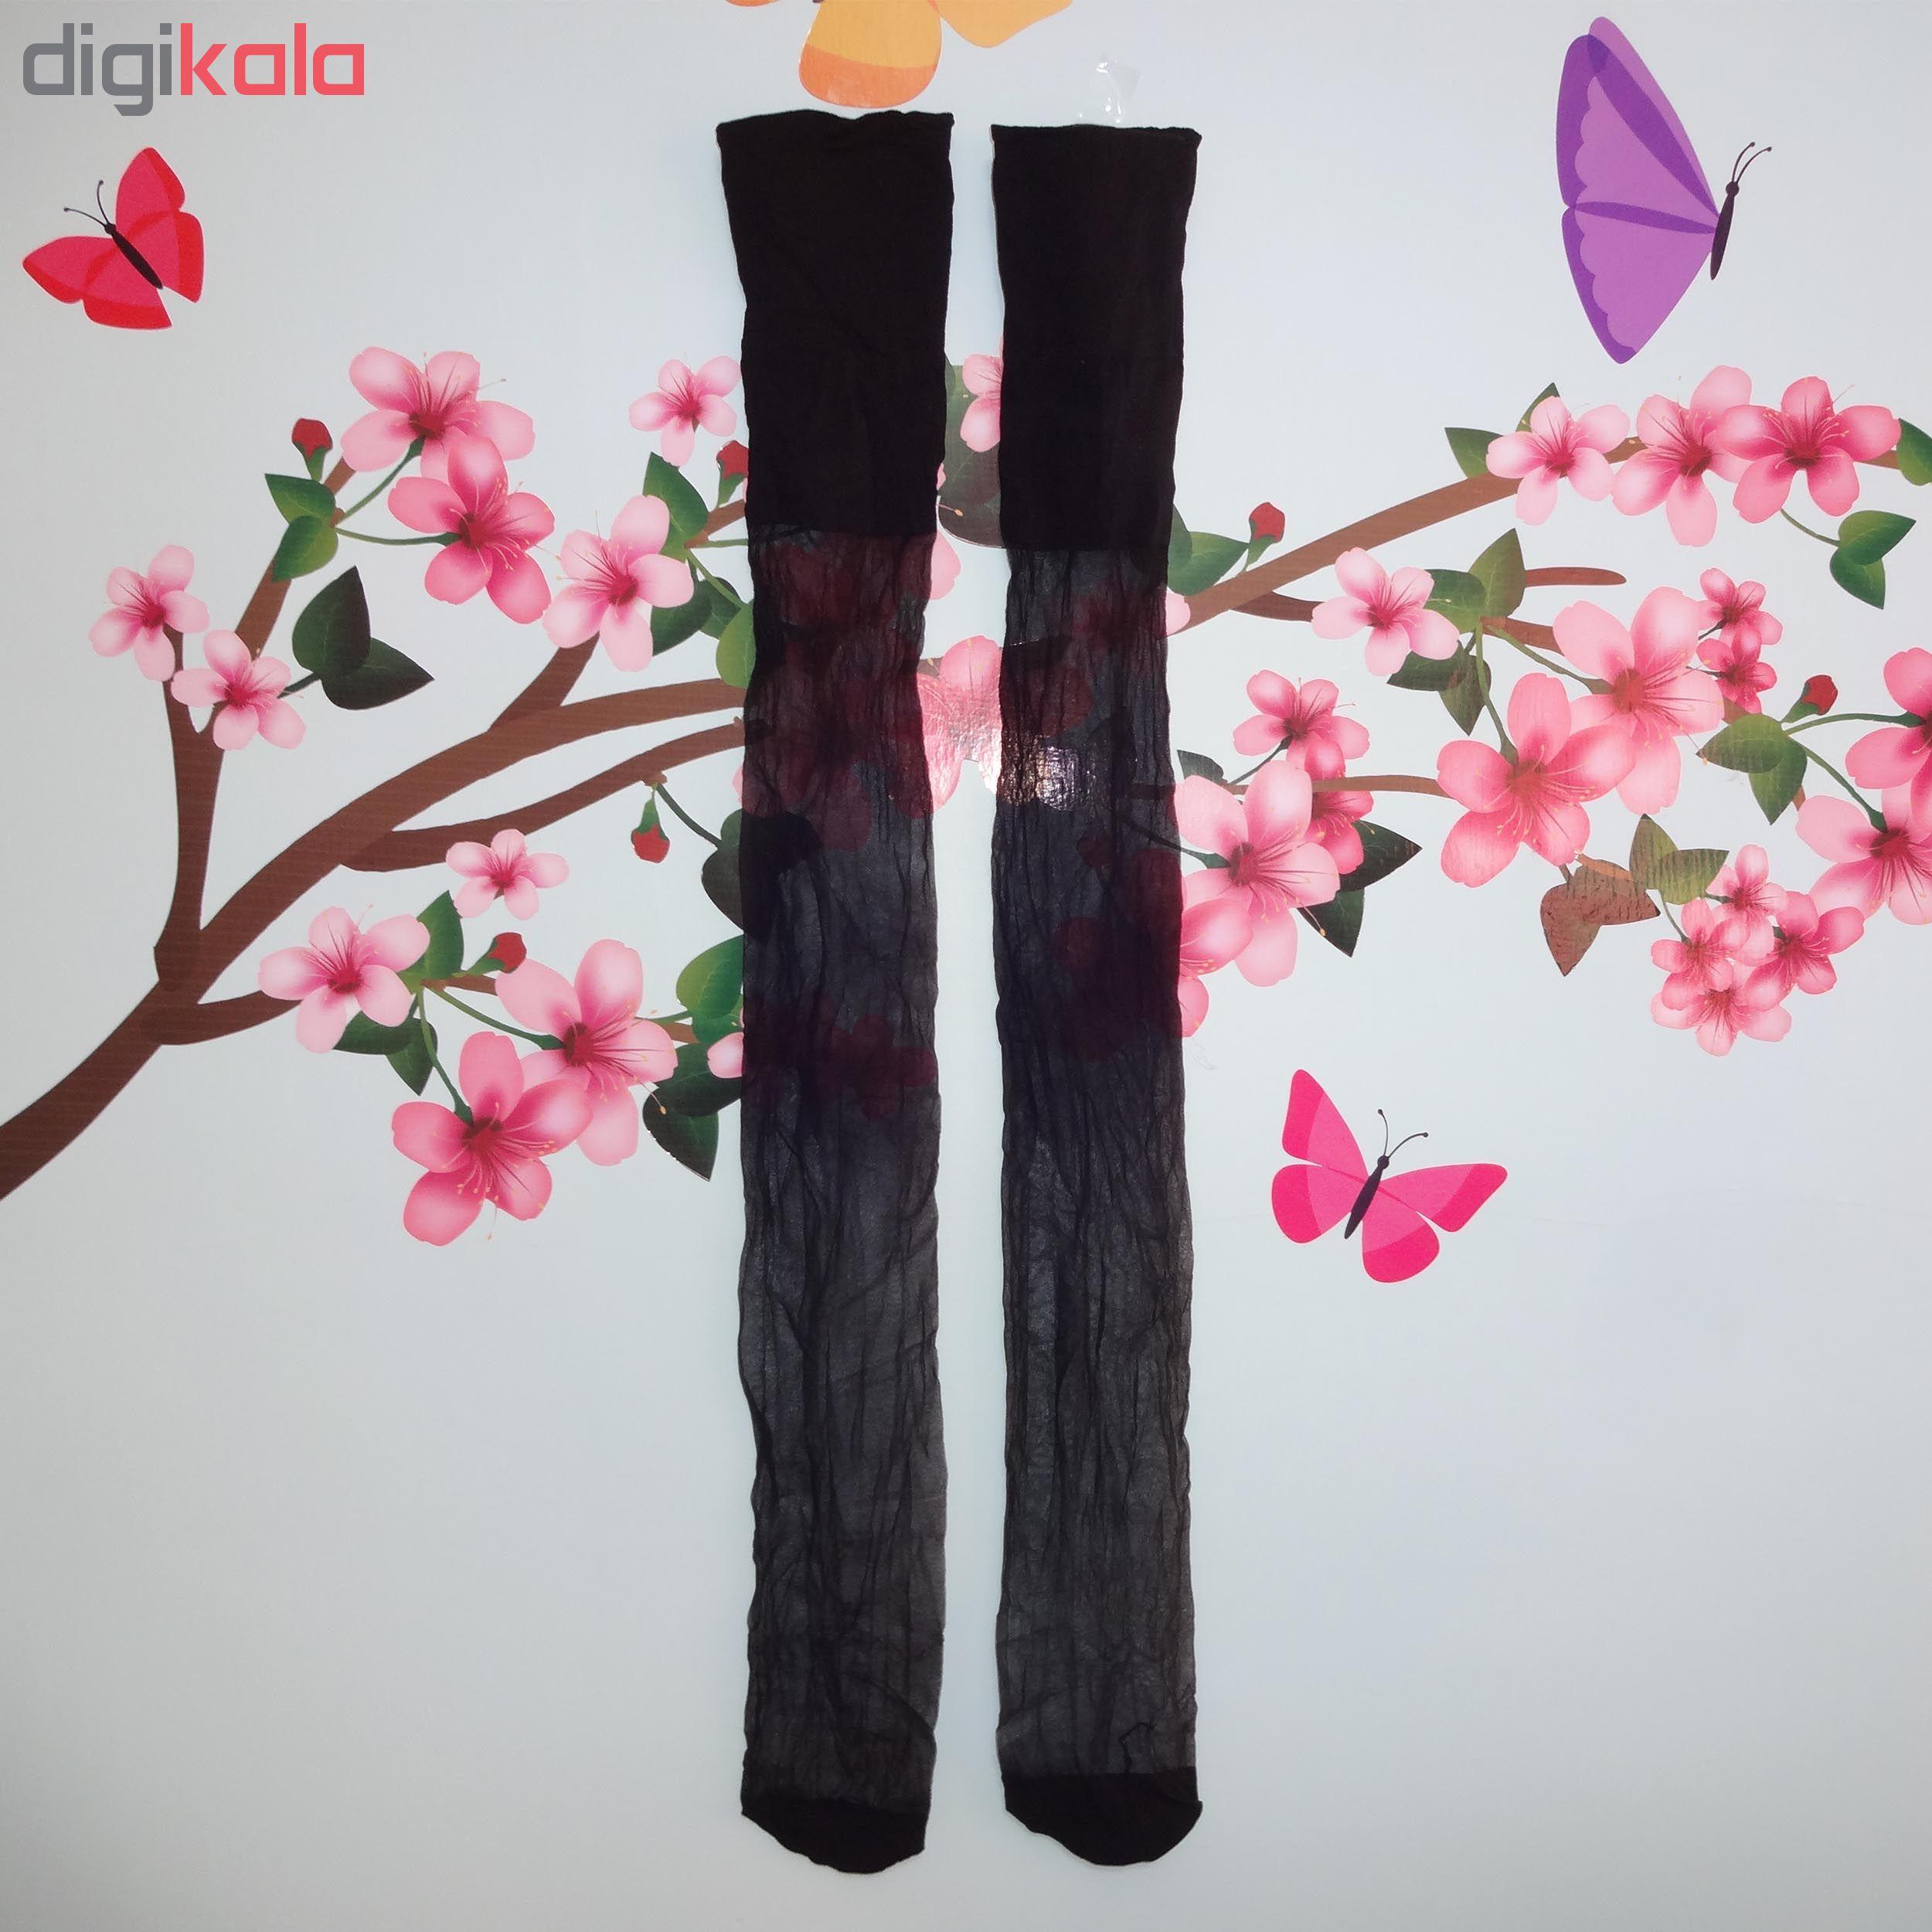 جوراب زنانه مدل 1.10 کد 5sambla main 1 4